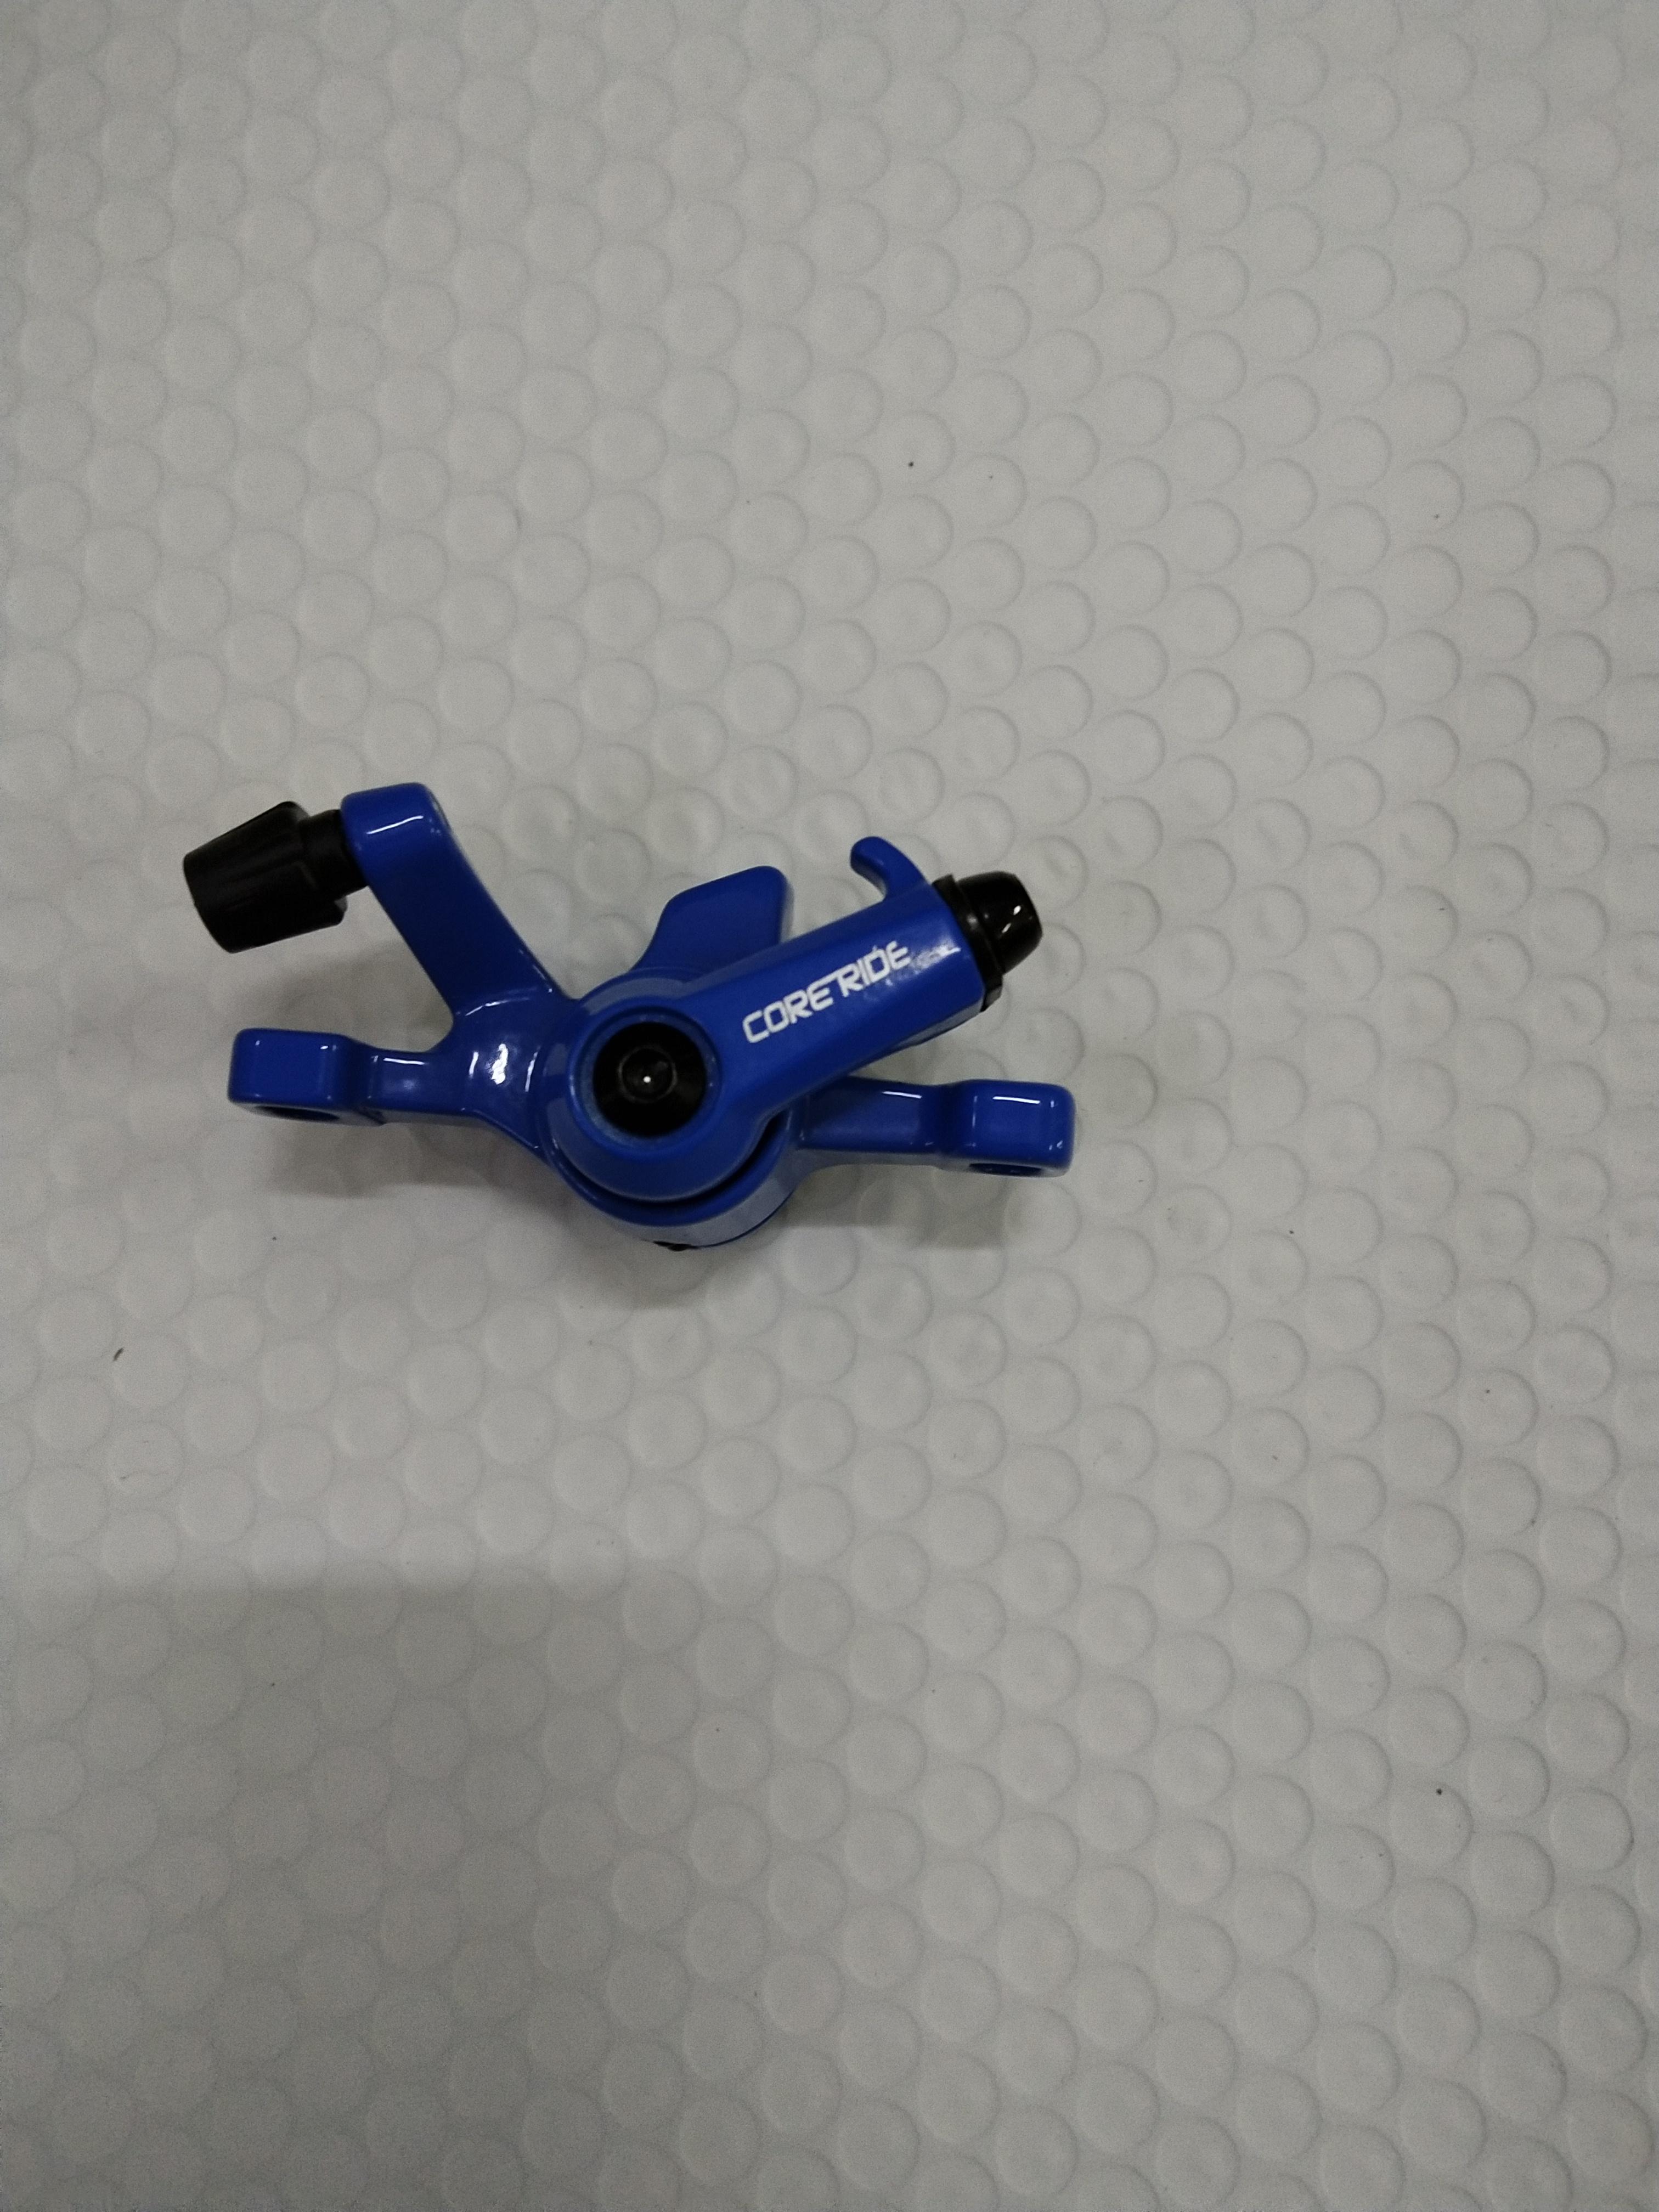 Scheibenbremsset inkl. Beläge (ohne Bremsscheibe) blau